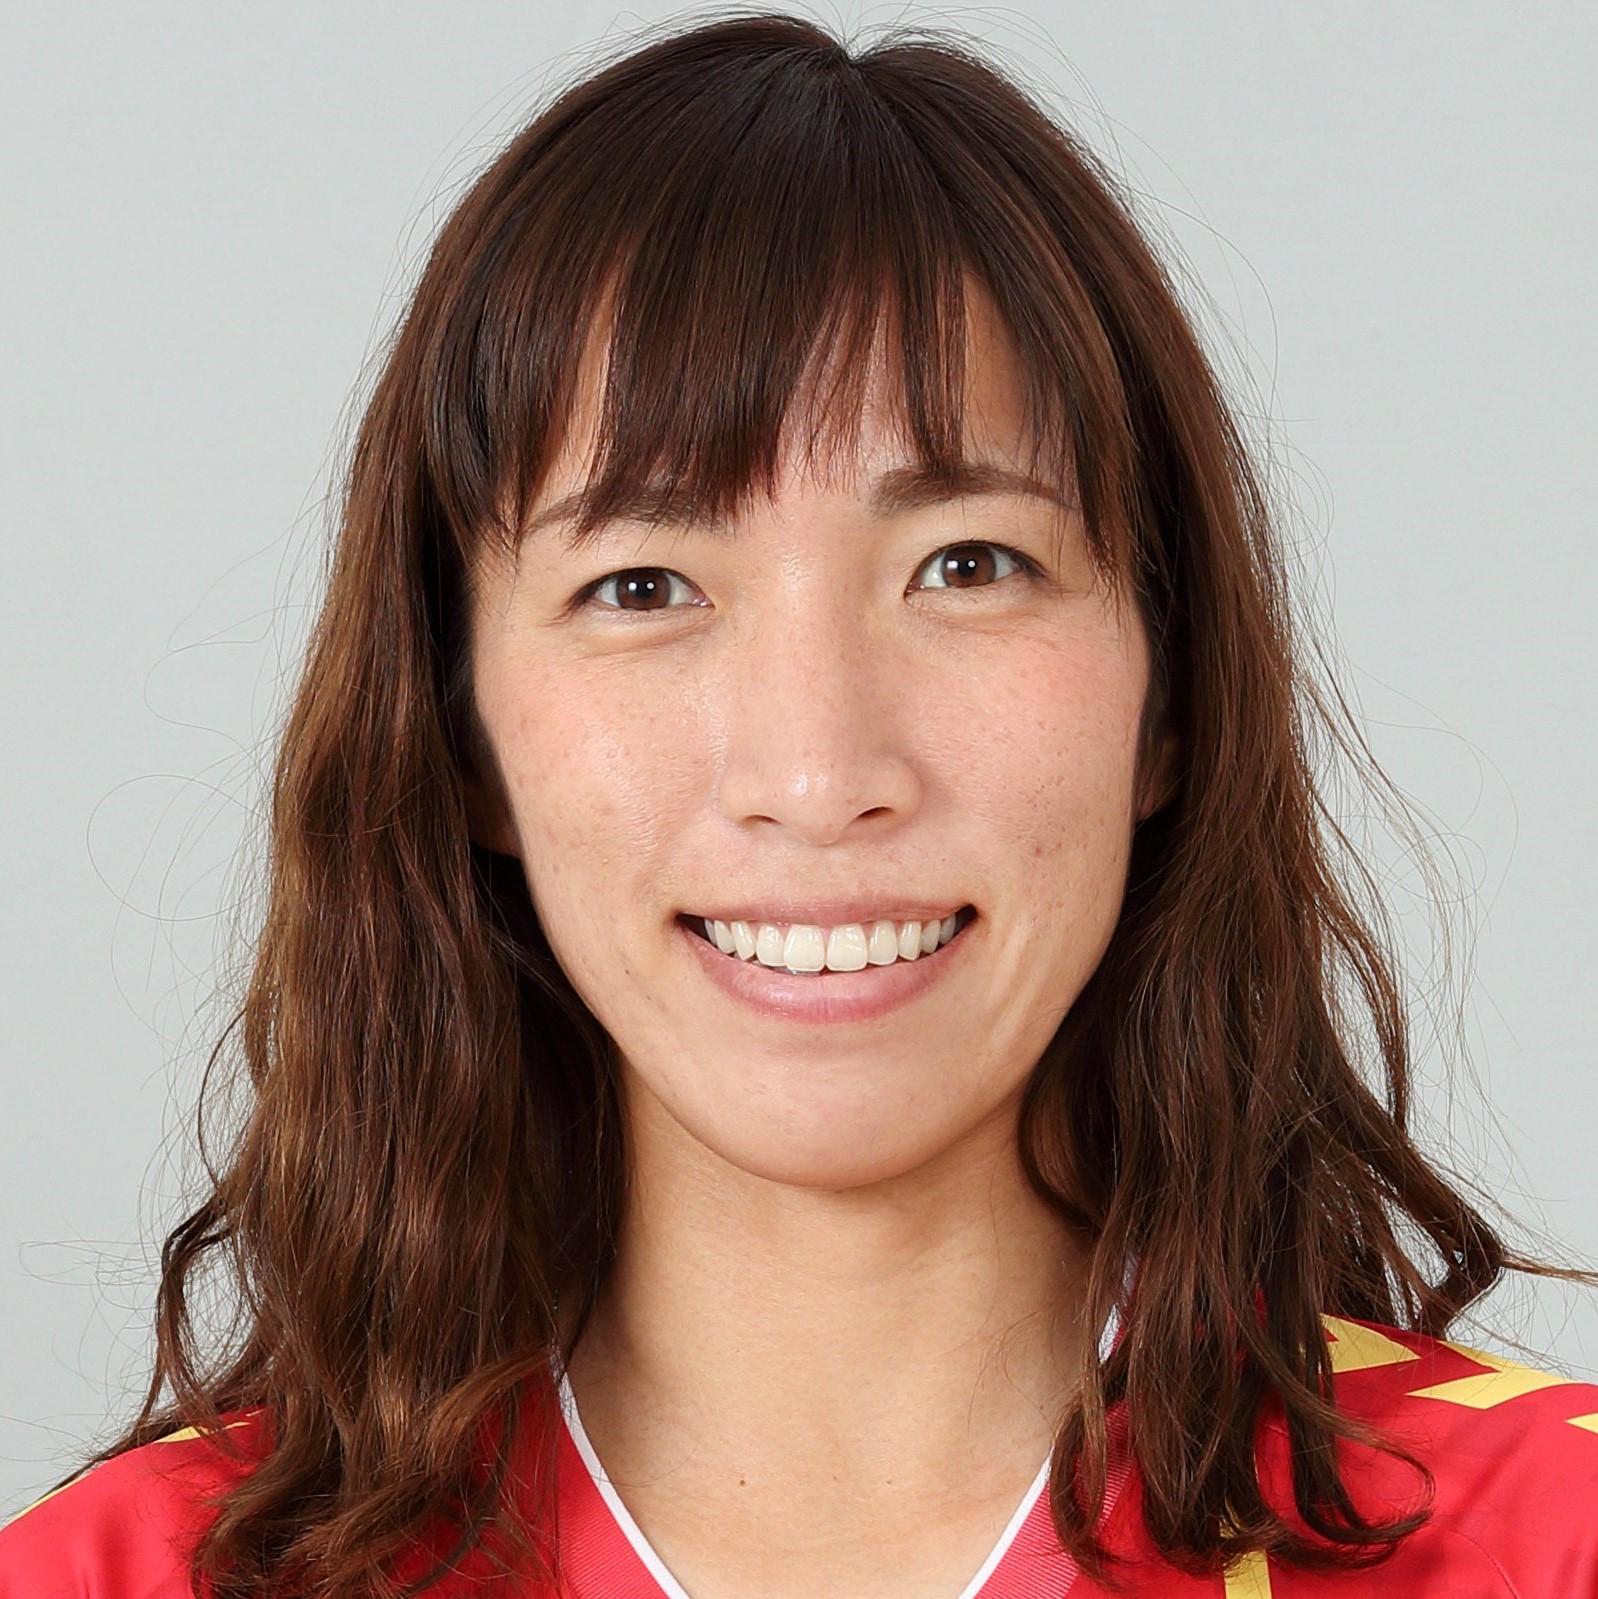 【サッカー女子】東京2020オリンピックにFIFA女子ワールドカップ出場の経験もある中島依美選手が選出!!